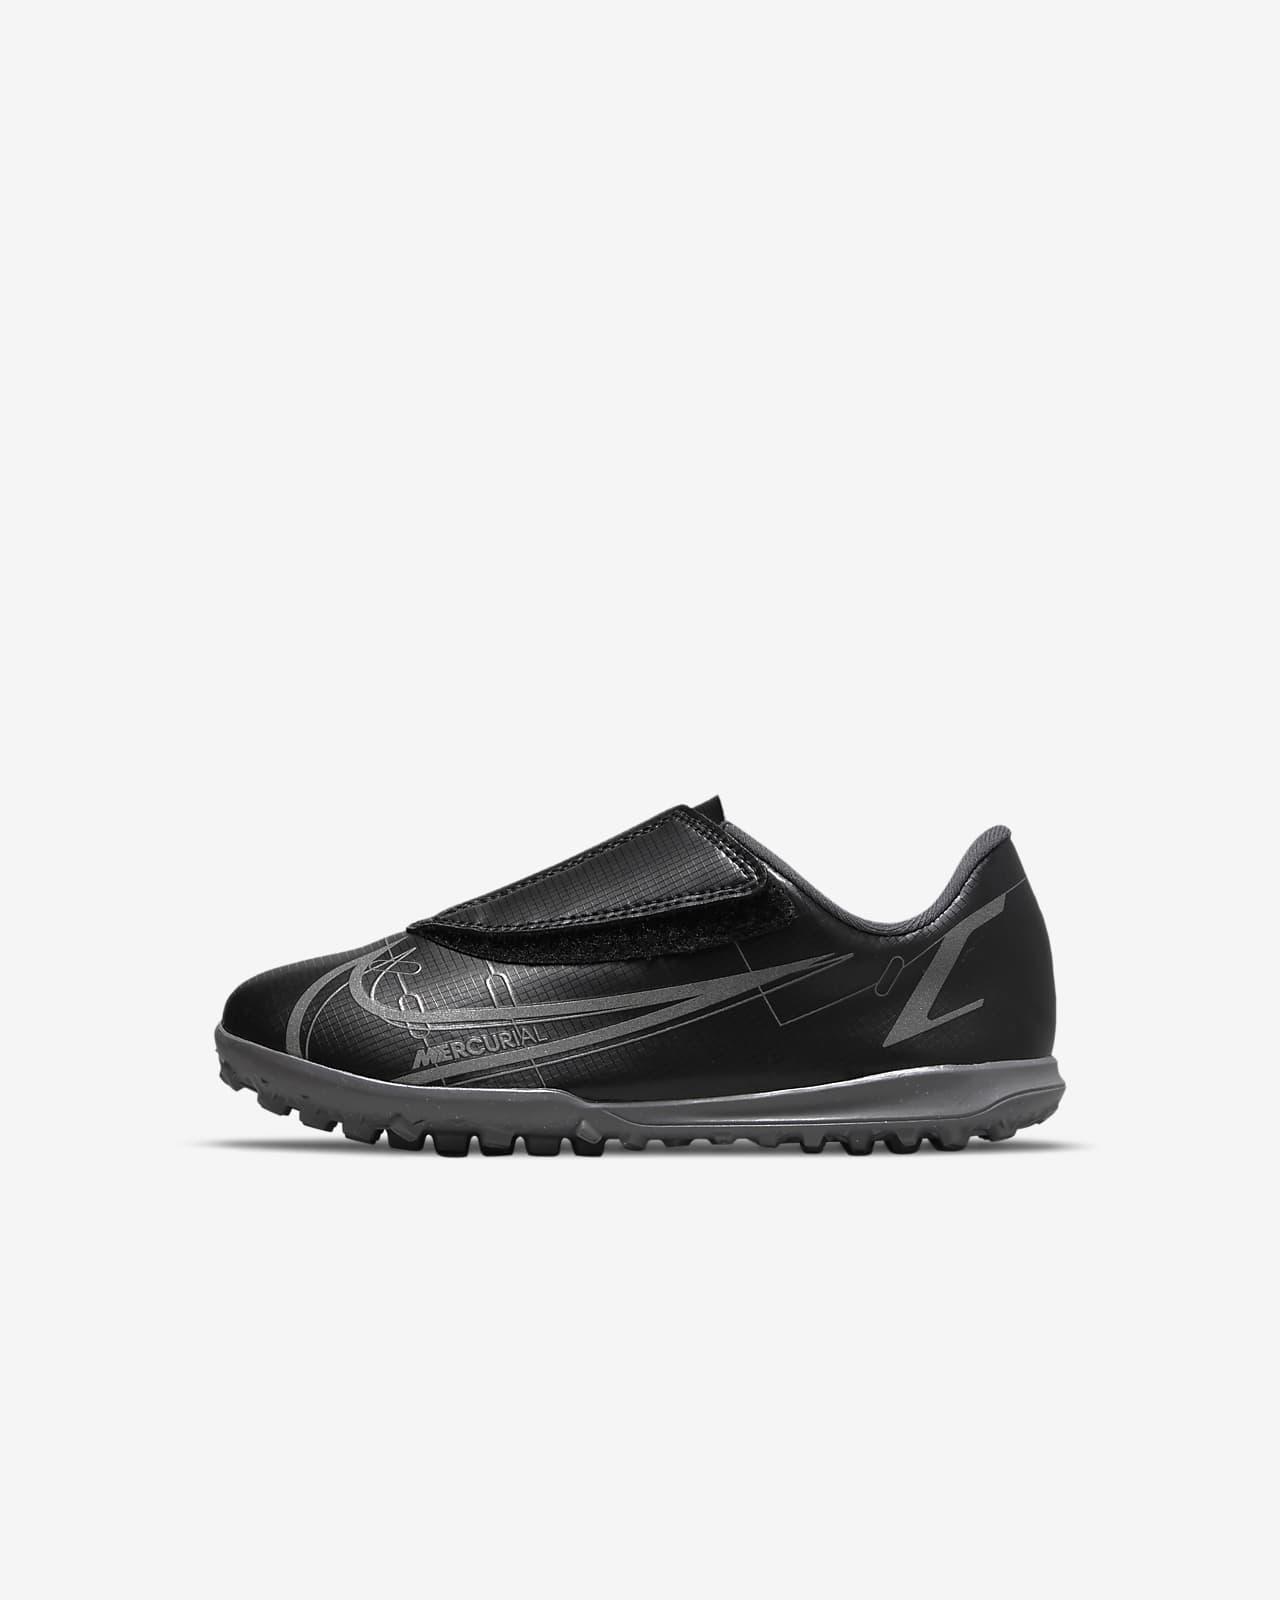 Chaussure de football pour surface synthétique Nike Jr. Mercurial Vapor 14 Club TF pour Jeune enfant